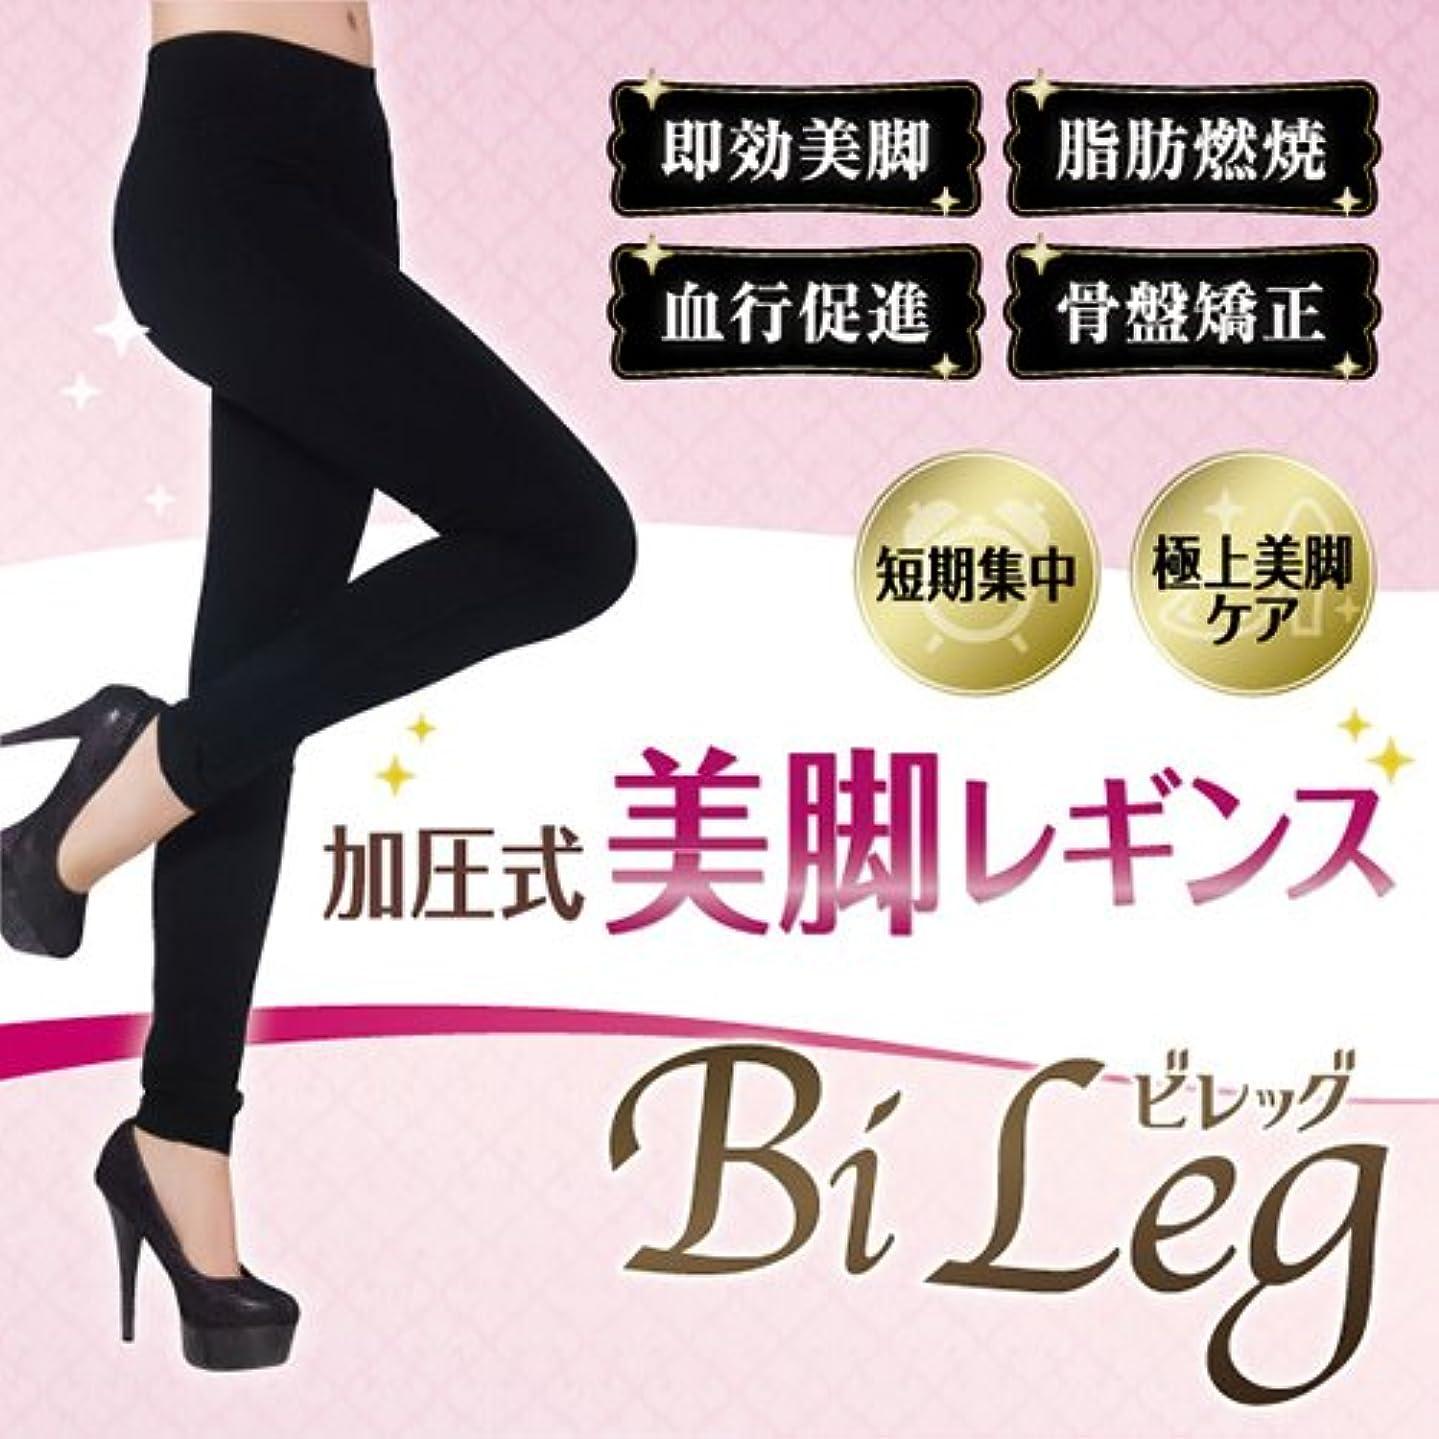 ムス失敗よく話される【単品】Bi Leg-ビレッグ-